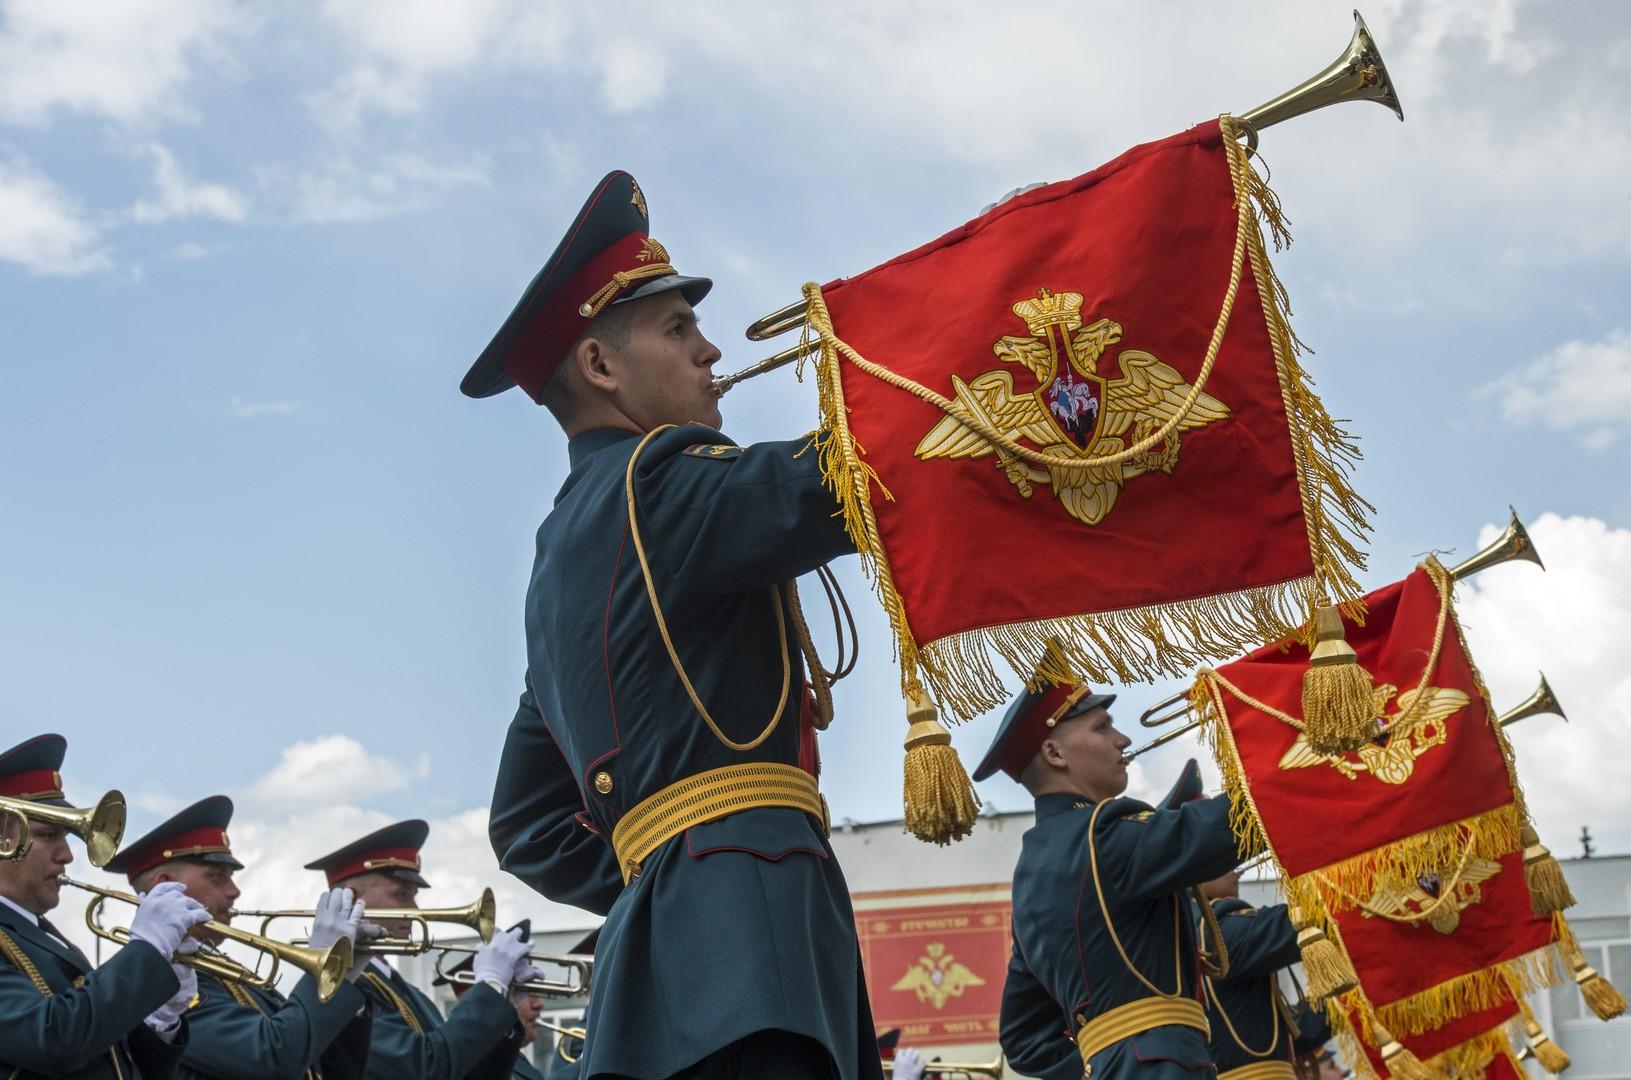 Военнослужащие сводного оркестра Московского гарнизона во время смотра готовности к военному параду в Москве.